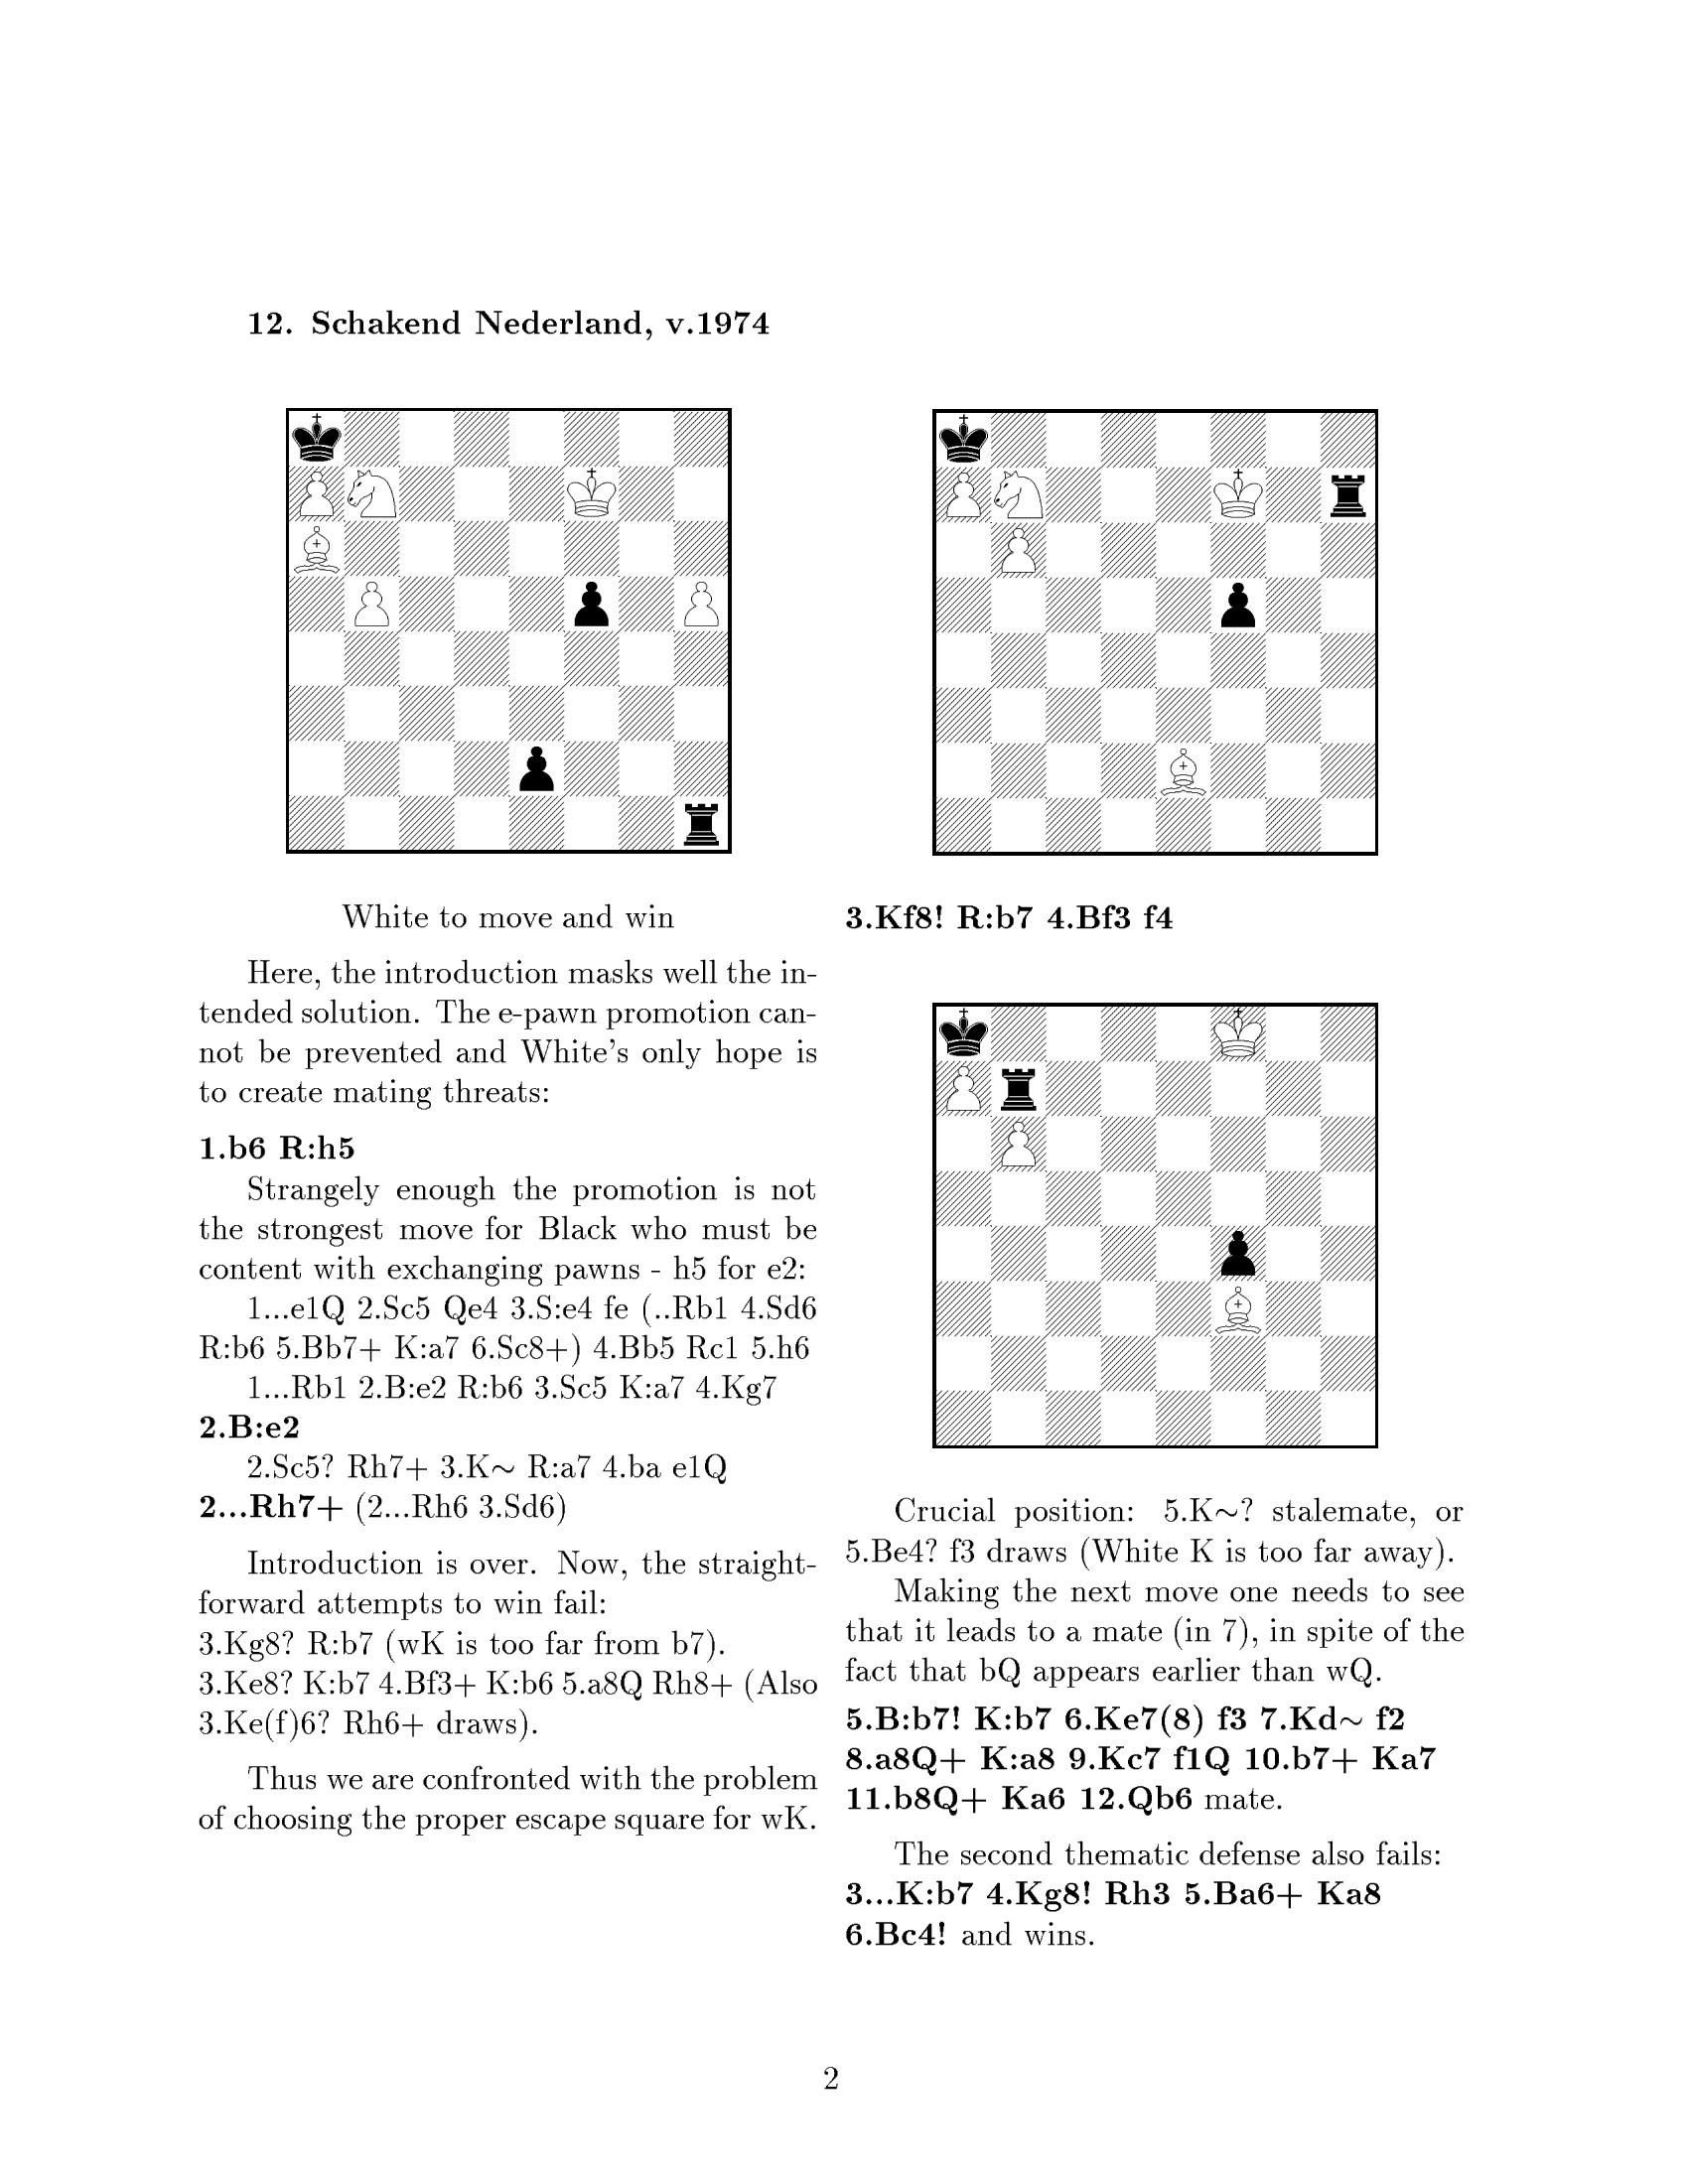 szachowe przykladypdf-1